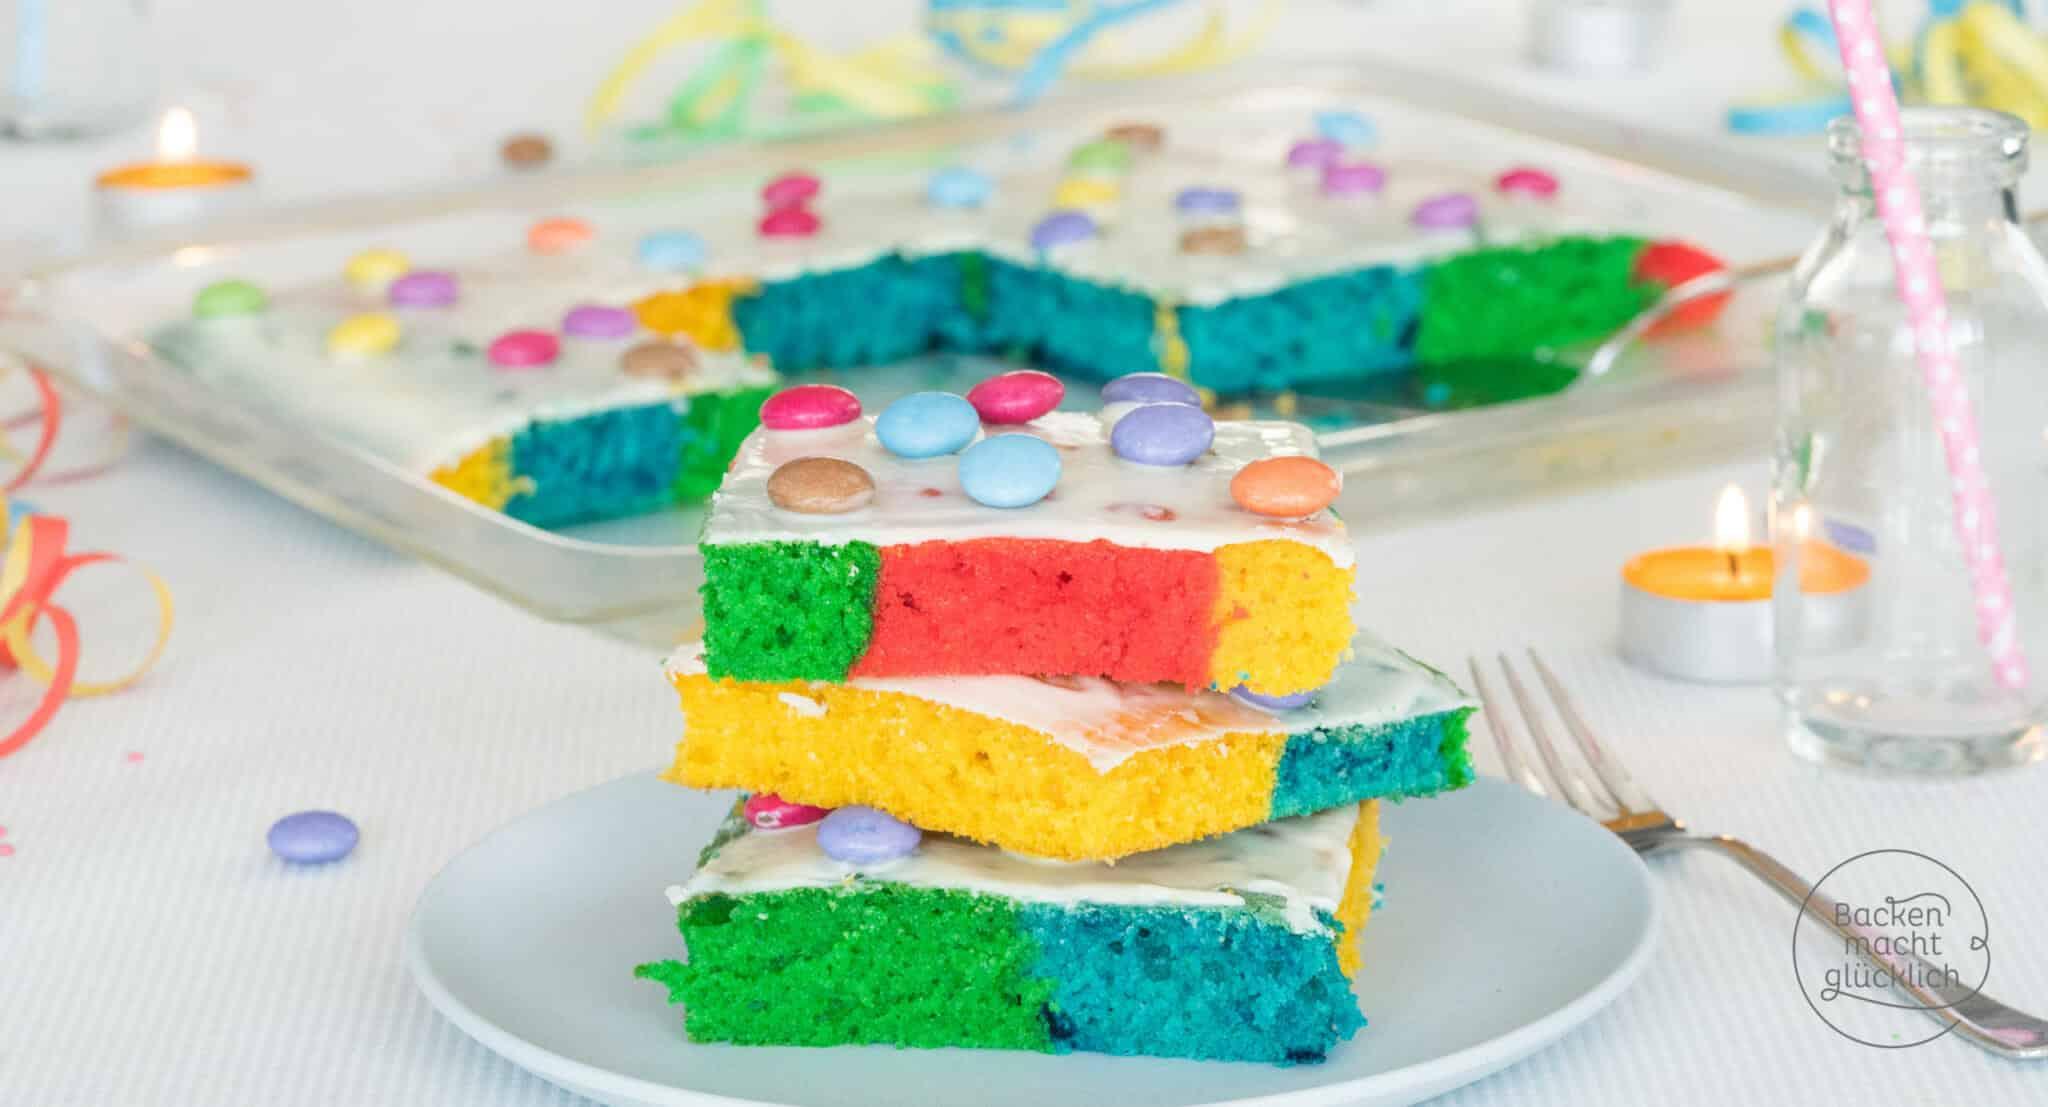 Bunter Regenbogenkuchen vom Blech   Backen macht glücklich